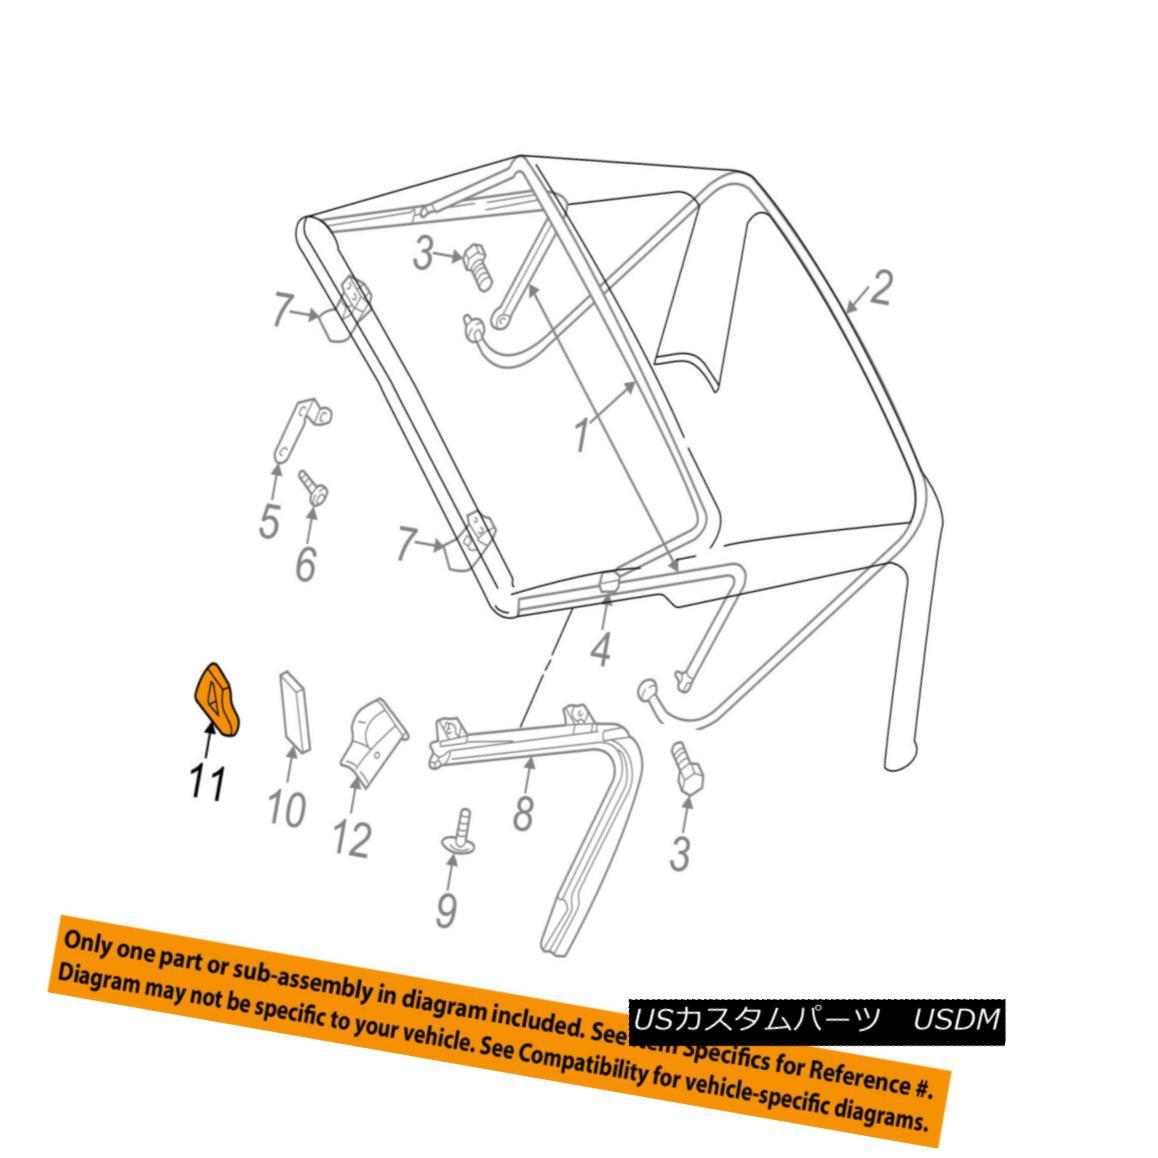 幌・ソフトトップ Jeep CHRYSLER OEM 97-99 Wrangler Convertible/soft Top-Seal Left 5012299AA ジープクライスラーOEM 97-99ラングラー・コンバーチブル/ so ftトップシール左5012299AA